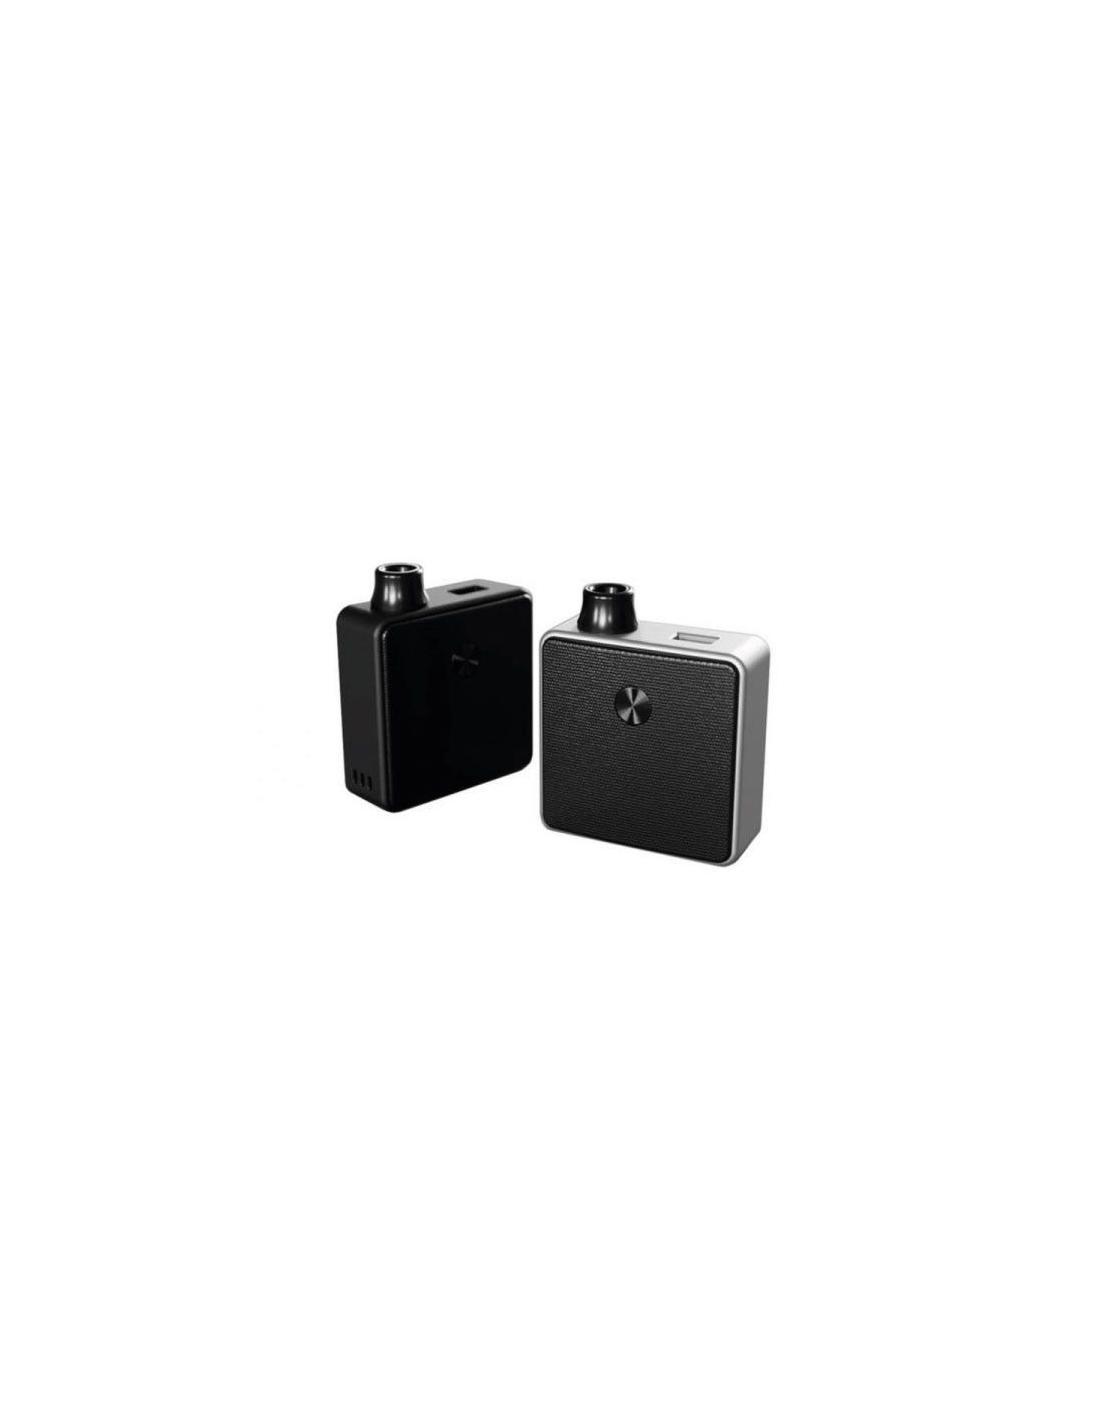 SXK Nebula Bantam Box Kit Di Sxk By Pro Vape Con Atomizzatore Da 2 Ml